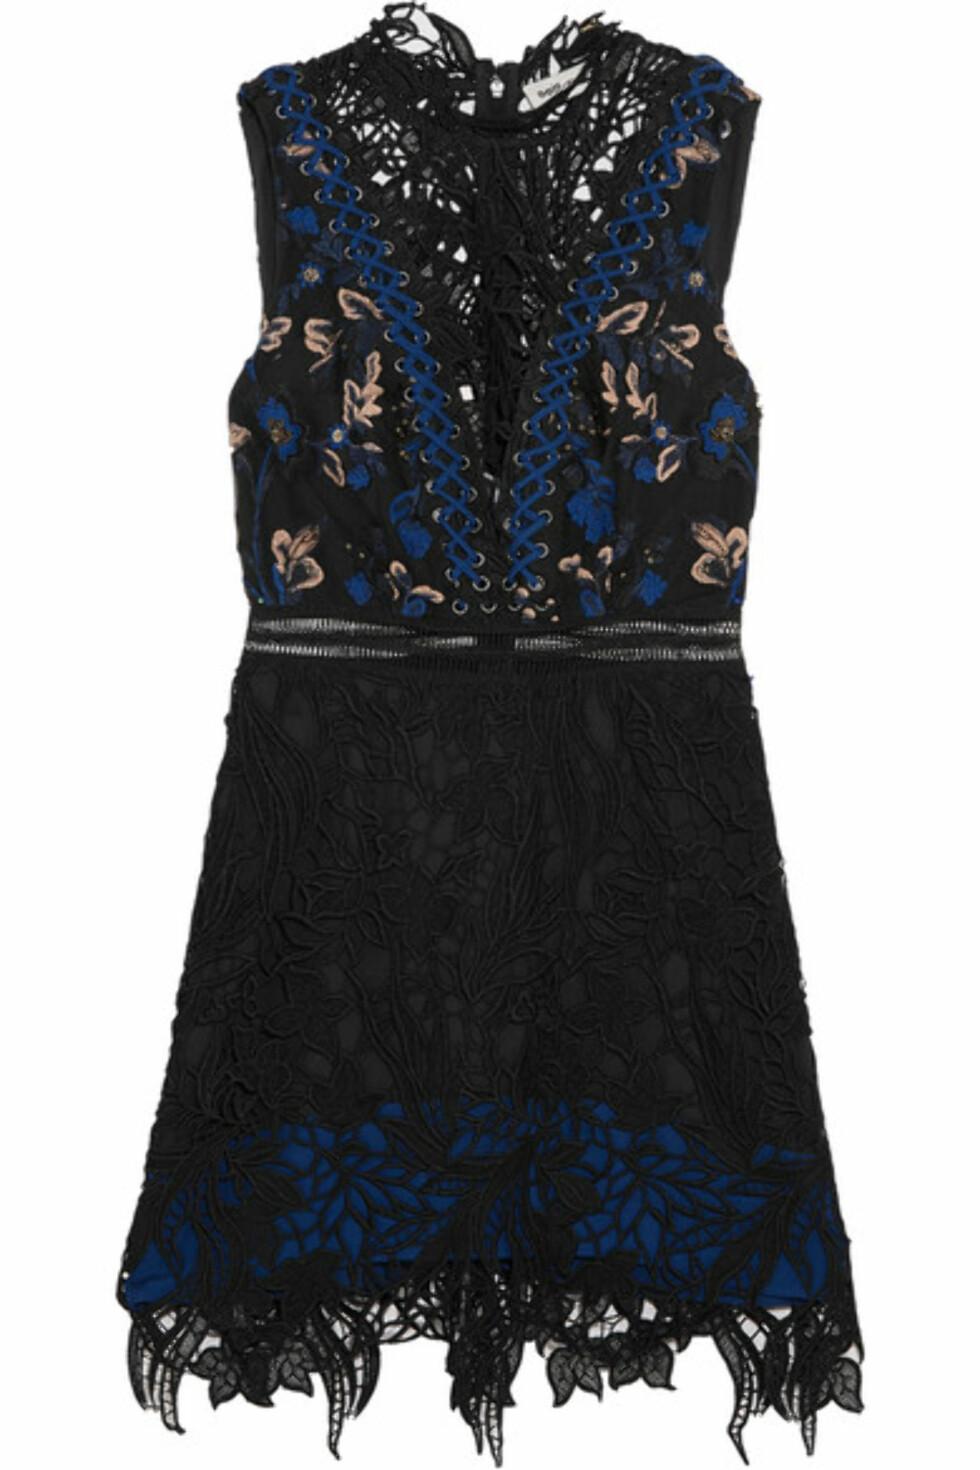 Kjole fra Self-Portrait via Net-a-porter.com | kr 2527 | https://www.net-a-porter.com/no/en/product/746394/self_portrait/clementine-guipure-lace-mini-dress